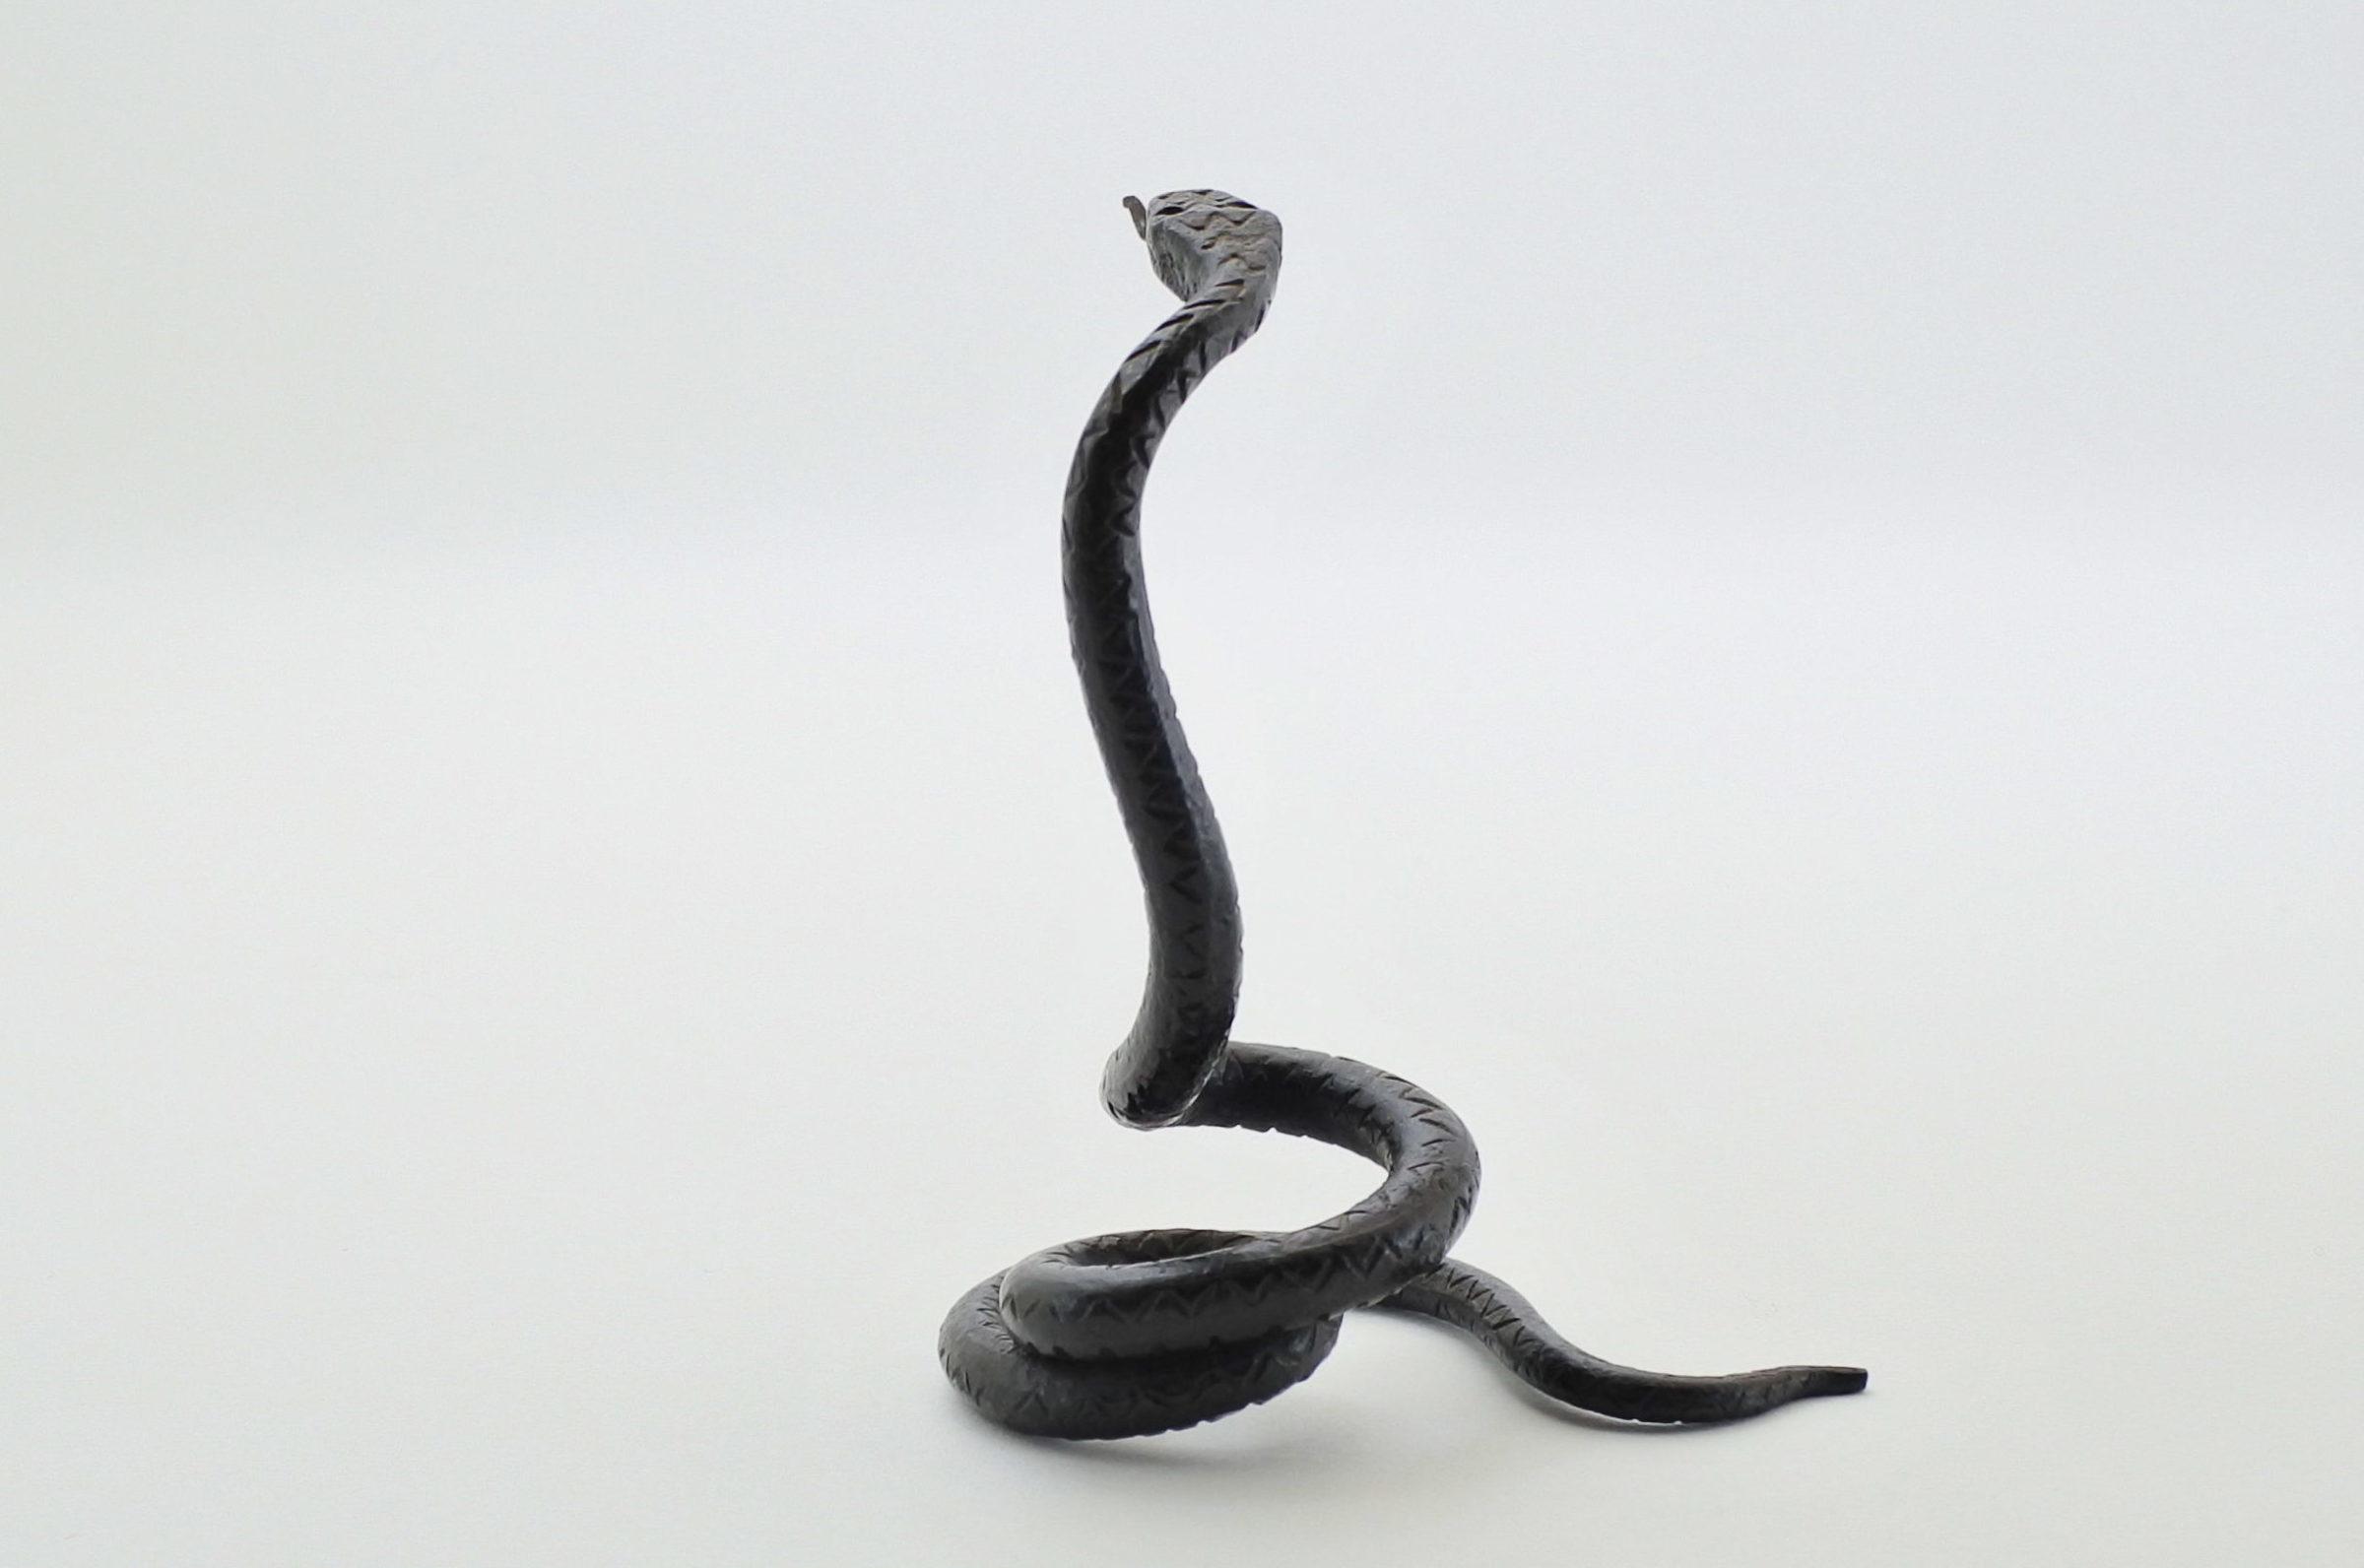 Portaorologi in metallo a forma di serpente - Altezza 8,5 cm - 3